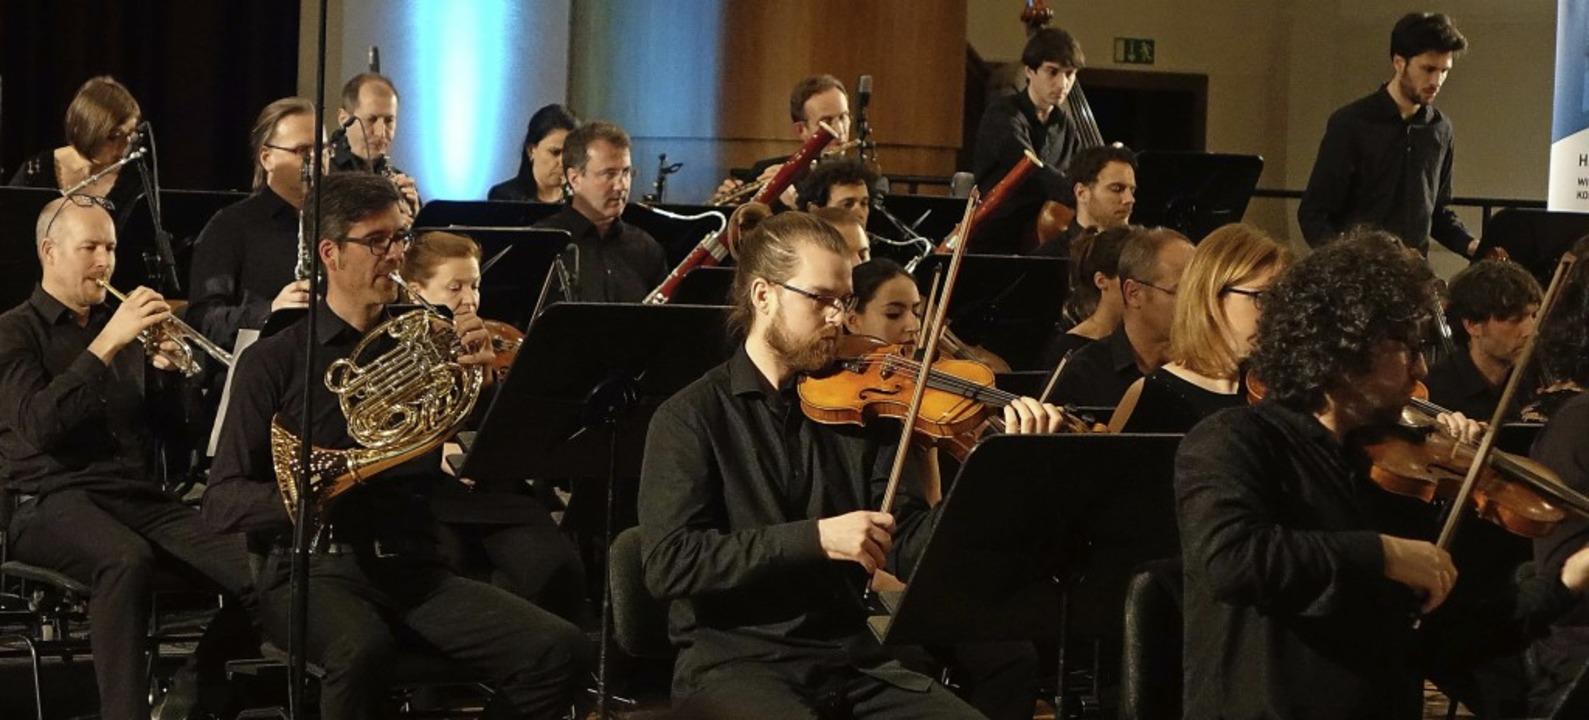 Das Kammerorchester Basel führte beim ...n Wettbewerbskonzert drei Stücke auf.     Foto: Roswitha Frey